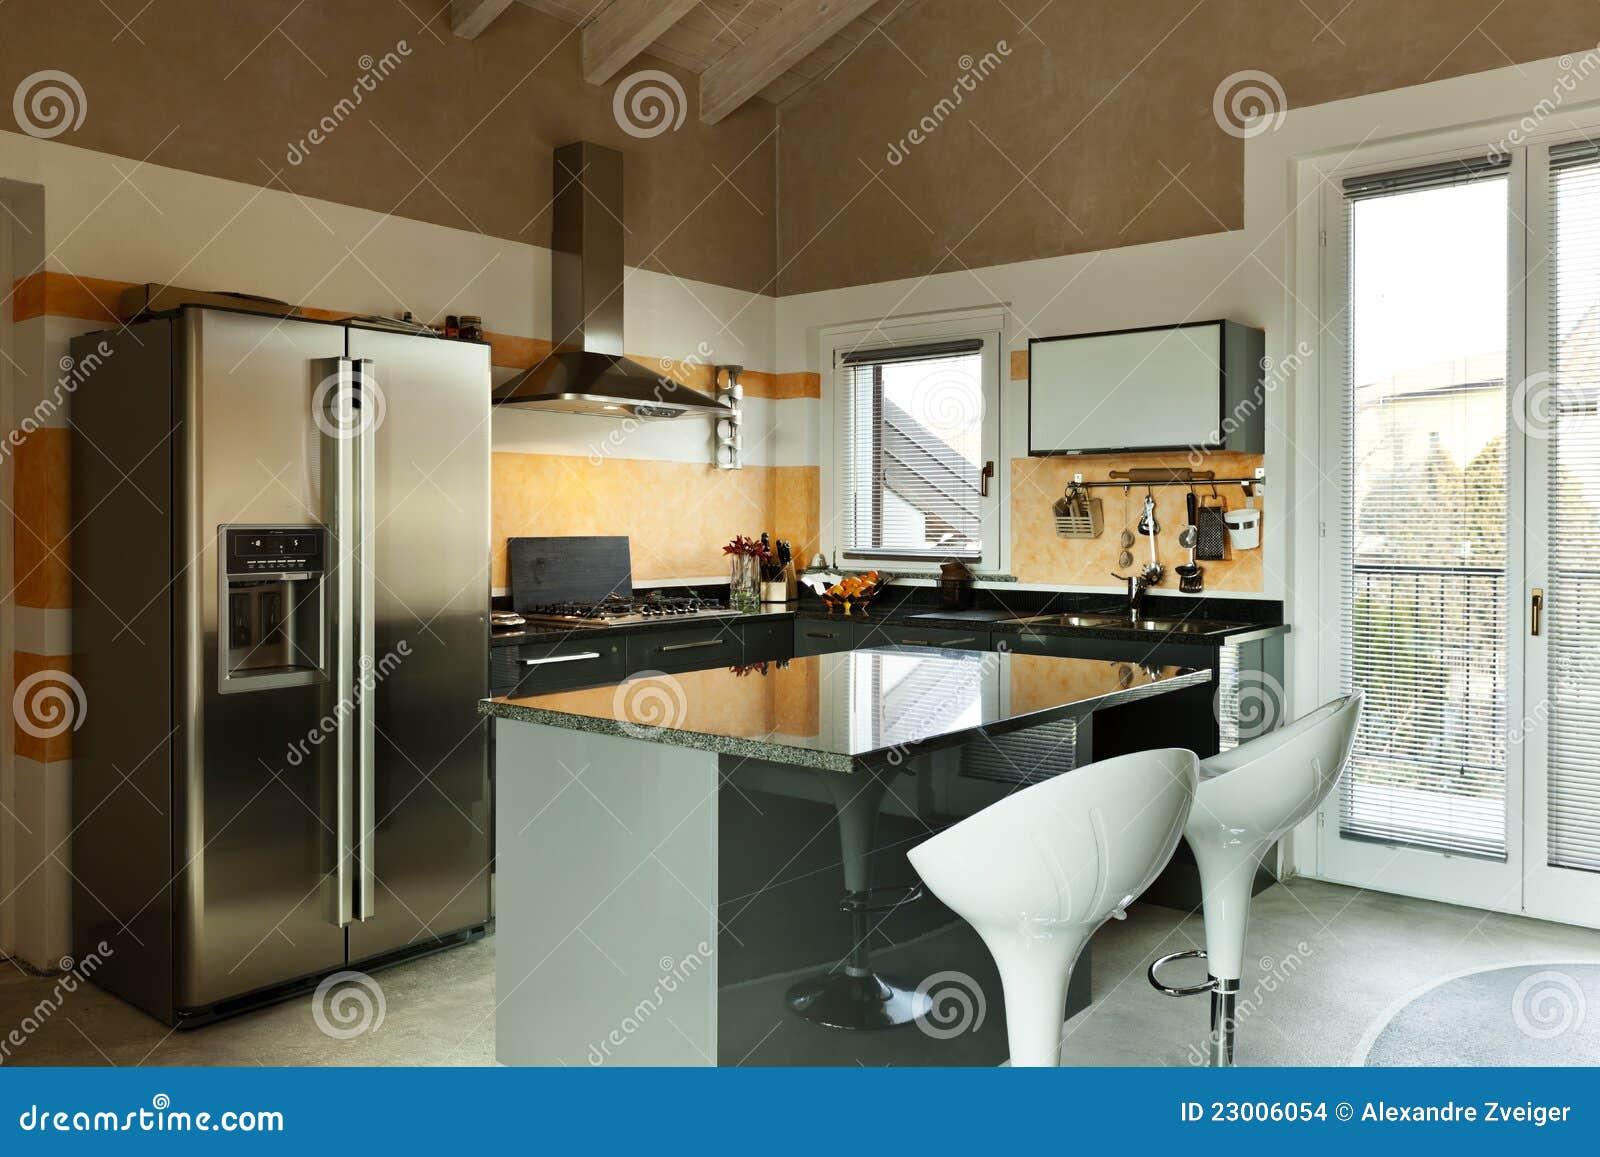 Isola di cucina con due sgabelli immagini stock immagine for Enorme isola cucina